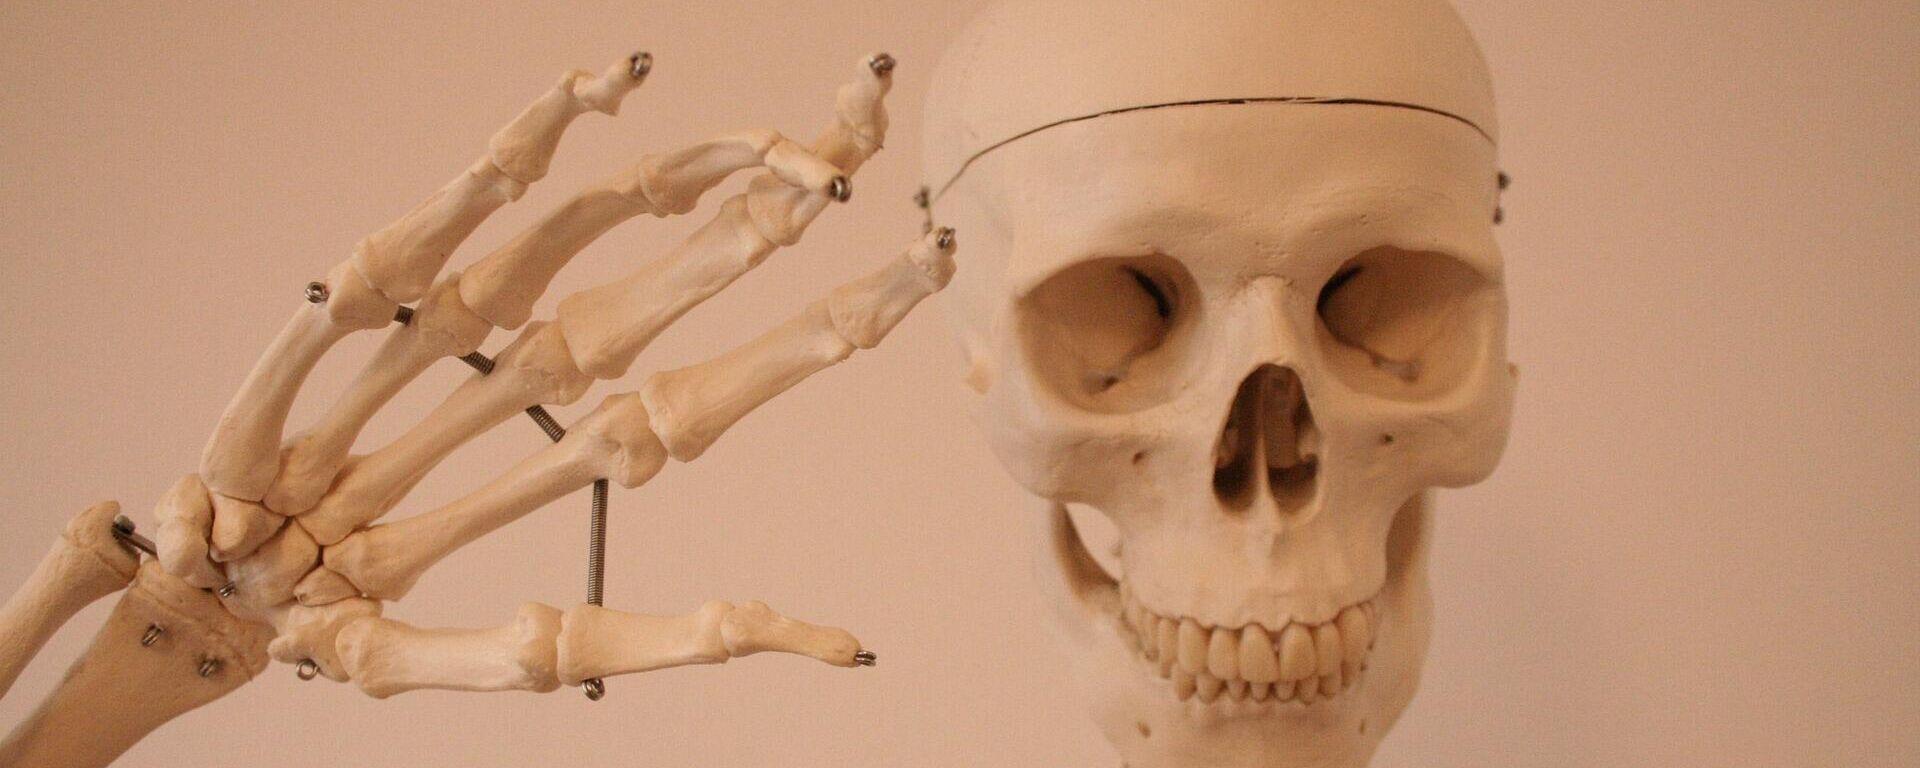 Un esqueleto - Sputnik Mundo, 1920, 30.03.2021